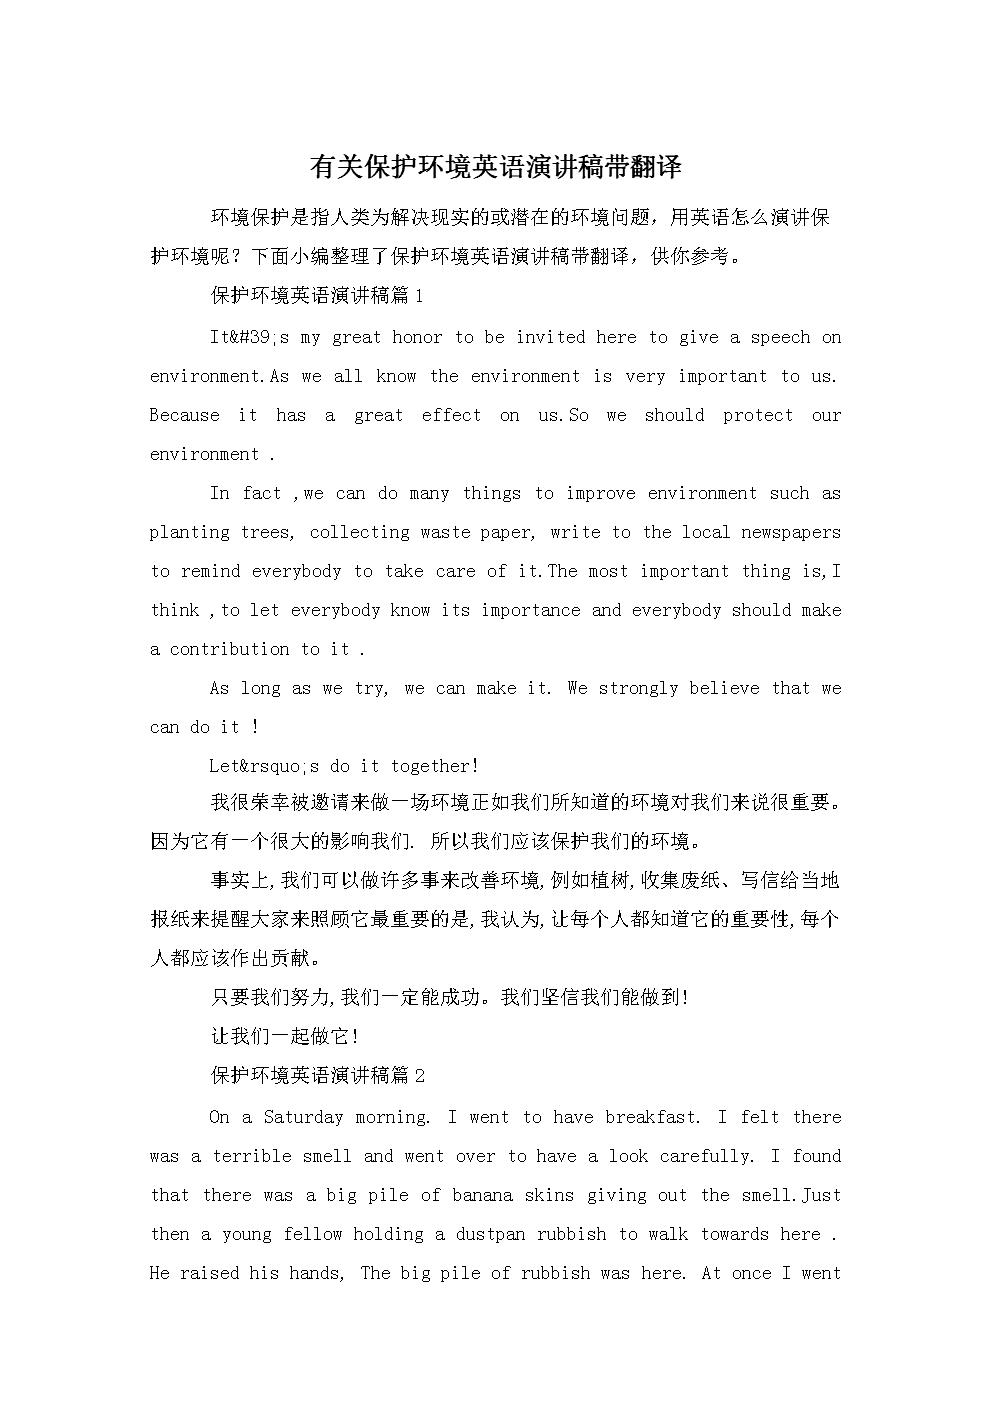 有关保护环境英语演讲稿带翻译.doc